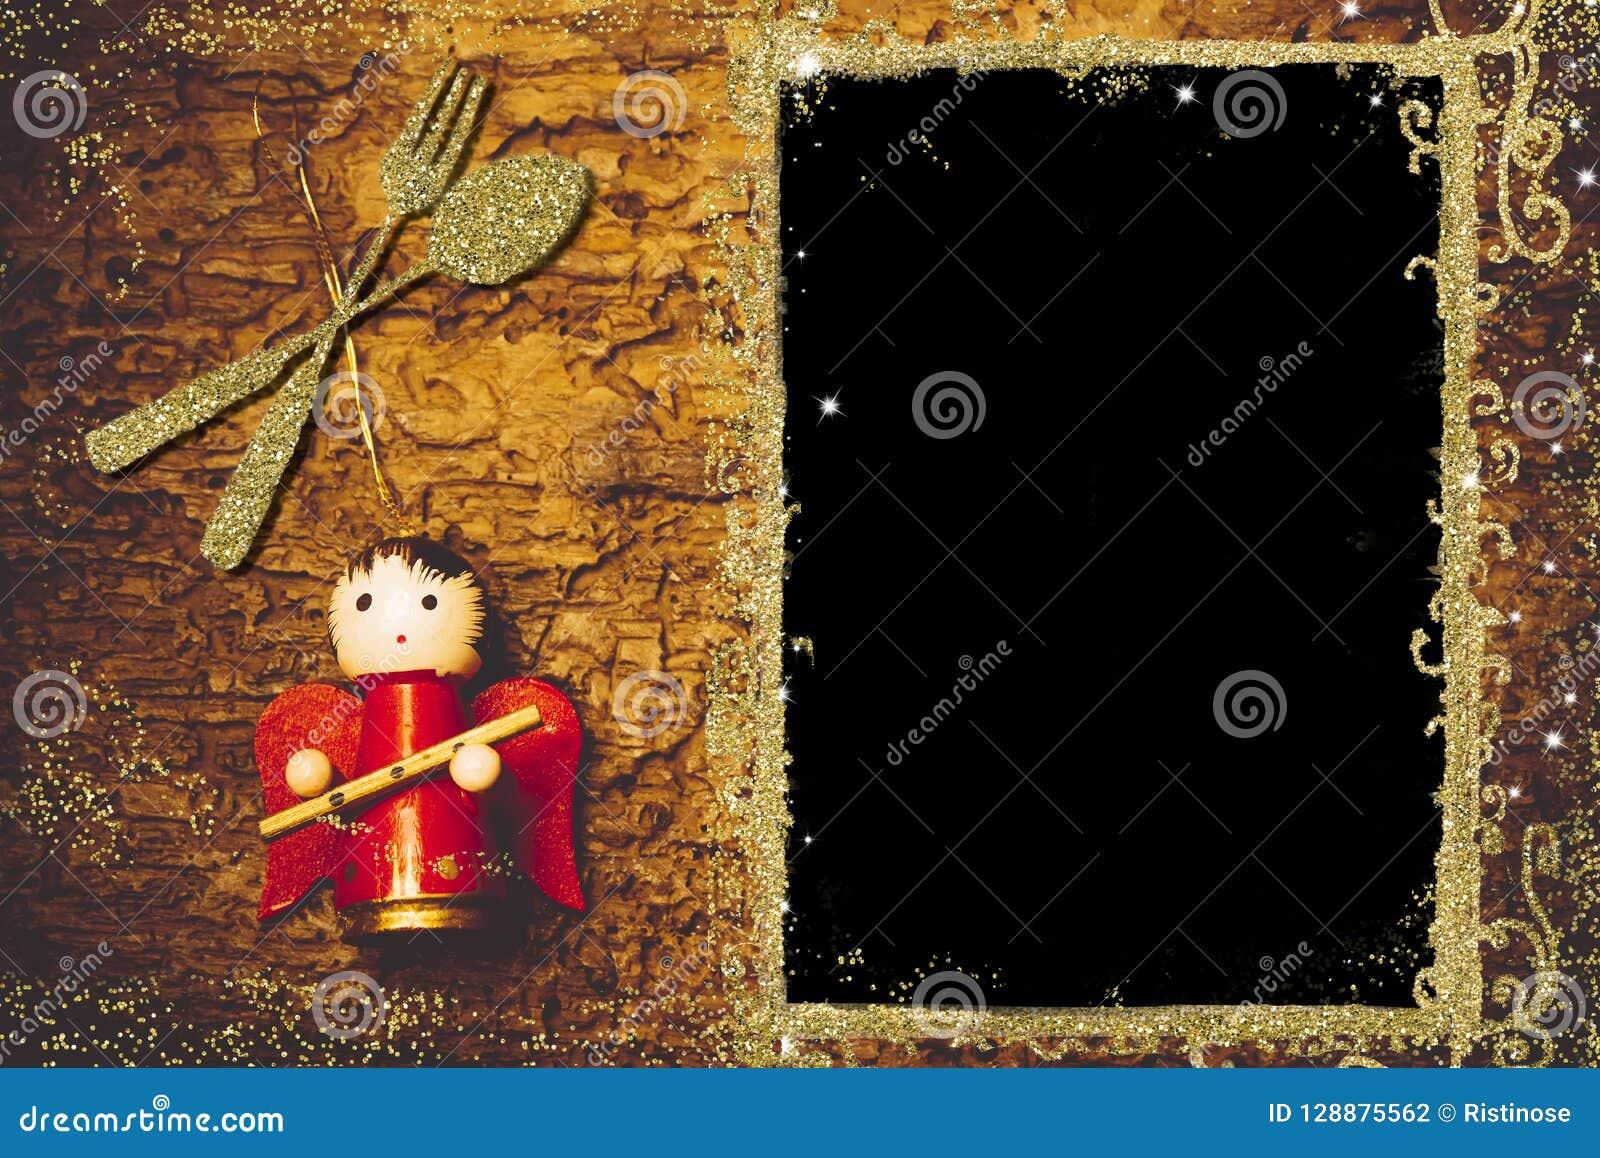 Dessin De Menu Pour Noel.Fond Pour Ecrire Le Menu De Noel Photo Stock Image Du Jour